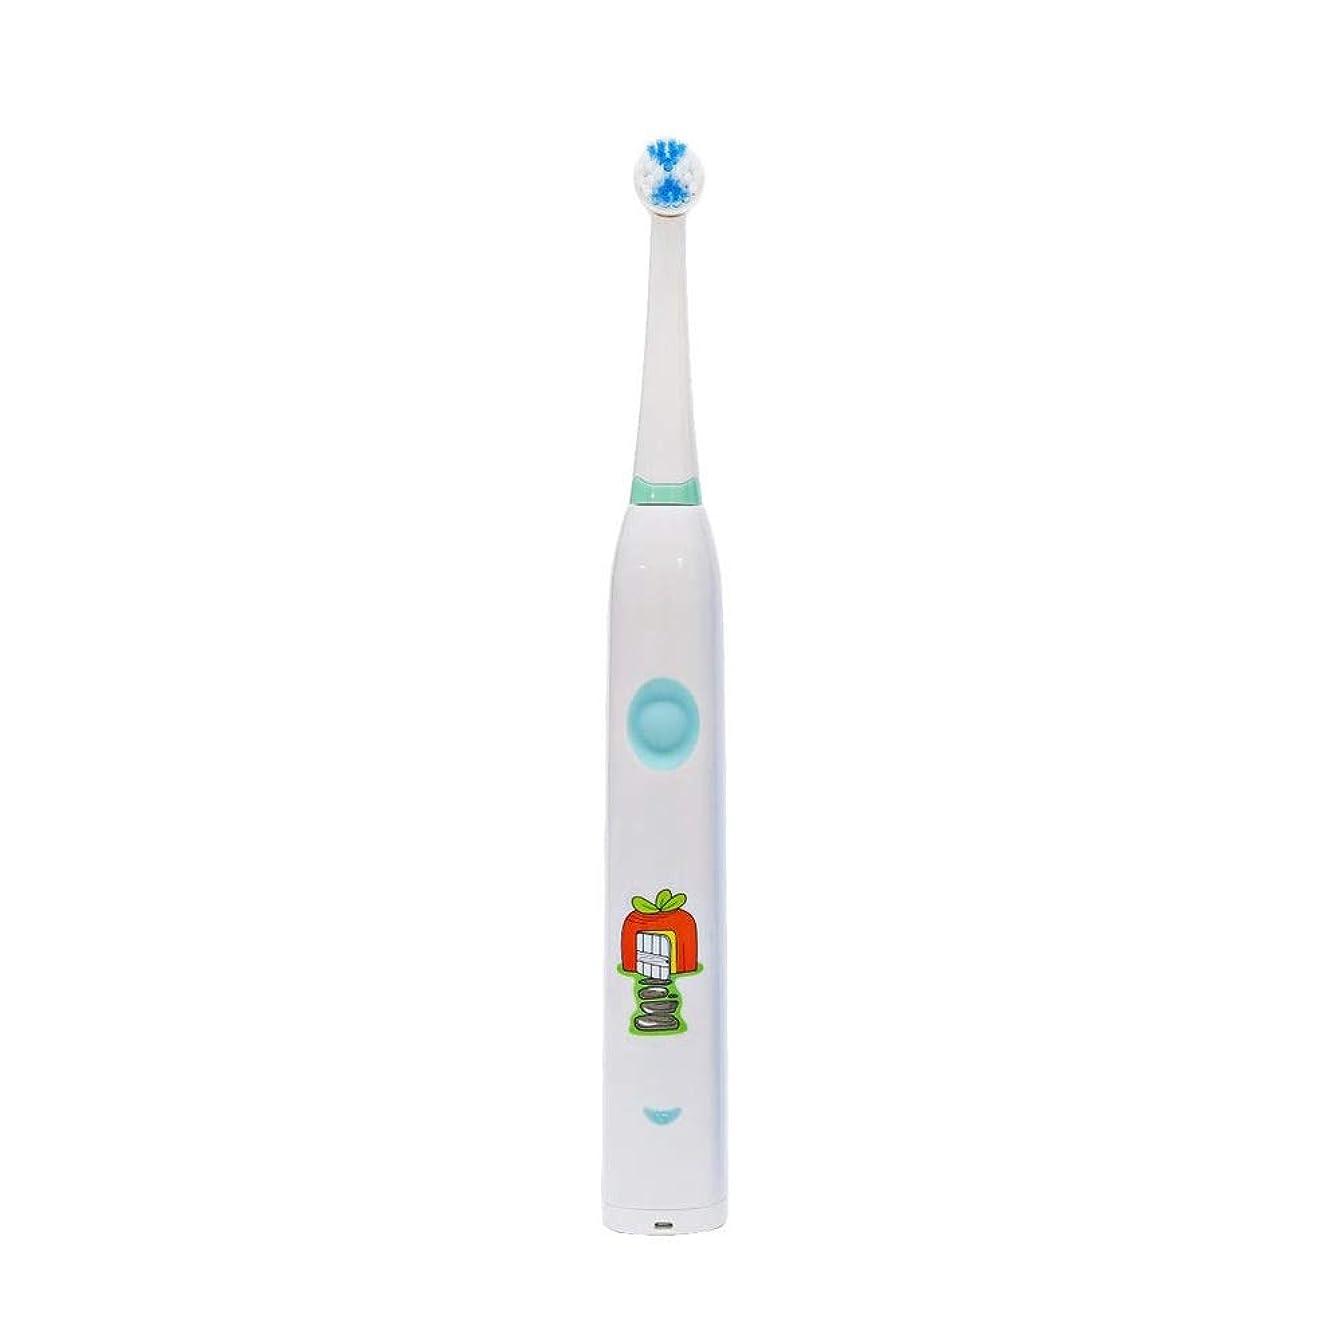 レオナルドダ固有のいま自動歯ブラシ 子供のかわいいUSB充電式電動歯ブラシ (色 : 白, サイズ : Free size)